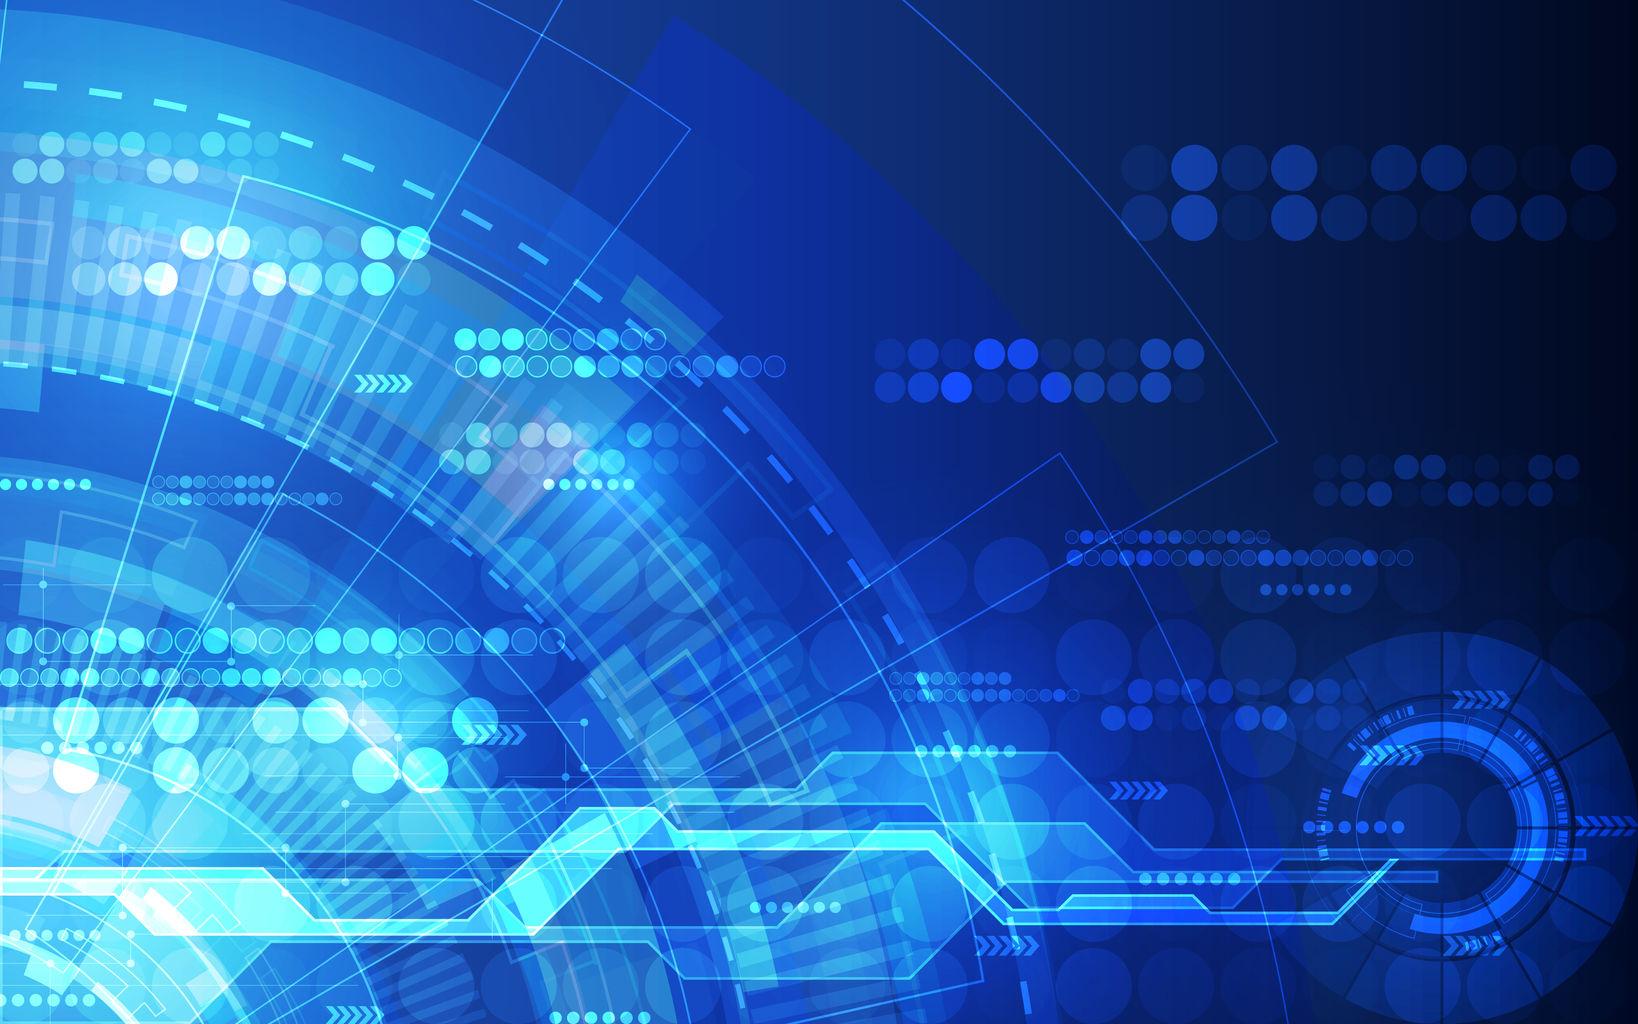 行情火爆考驗券商交易系統 監管加大技術管理力度